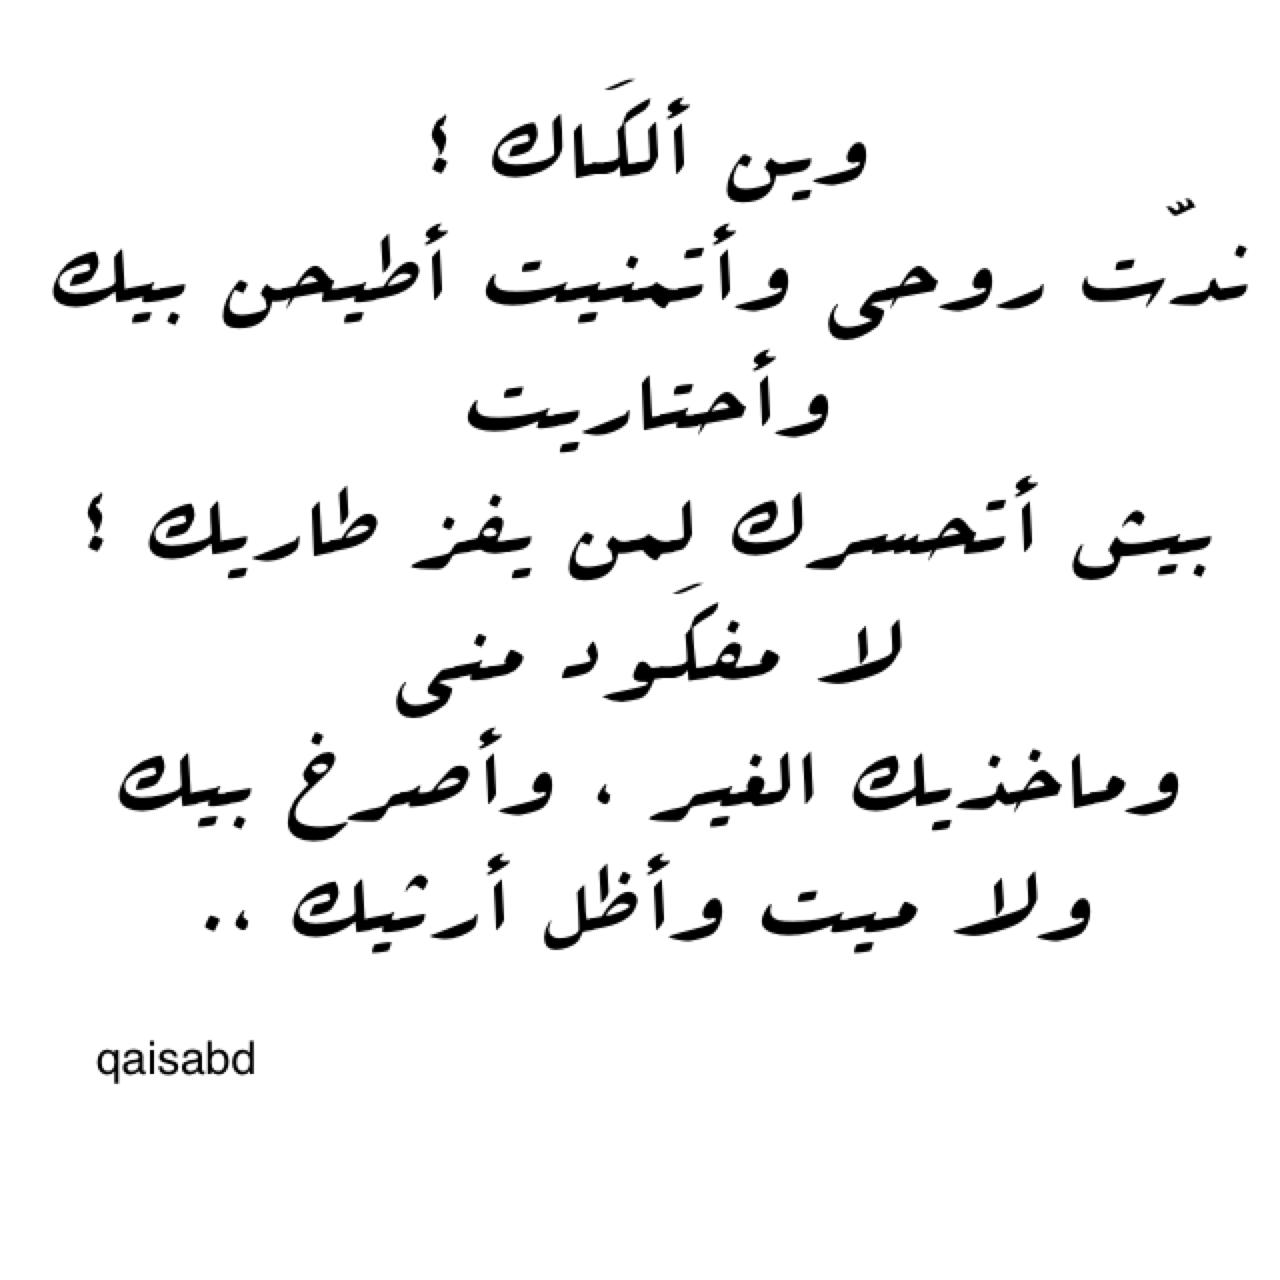 شعر شعبي عراقي عن الحب الحب شعبي شعر عراقي عن Math Arabic Calligraphy Math Equations